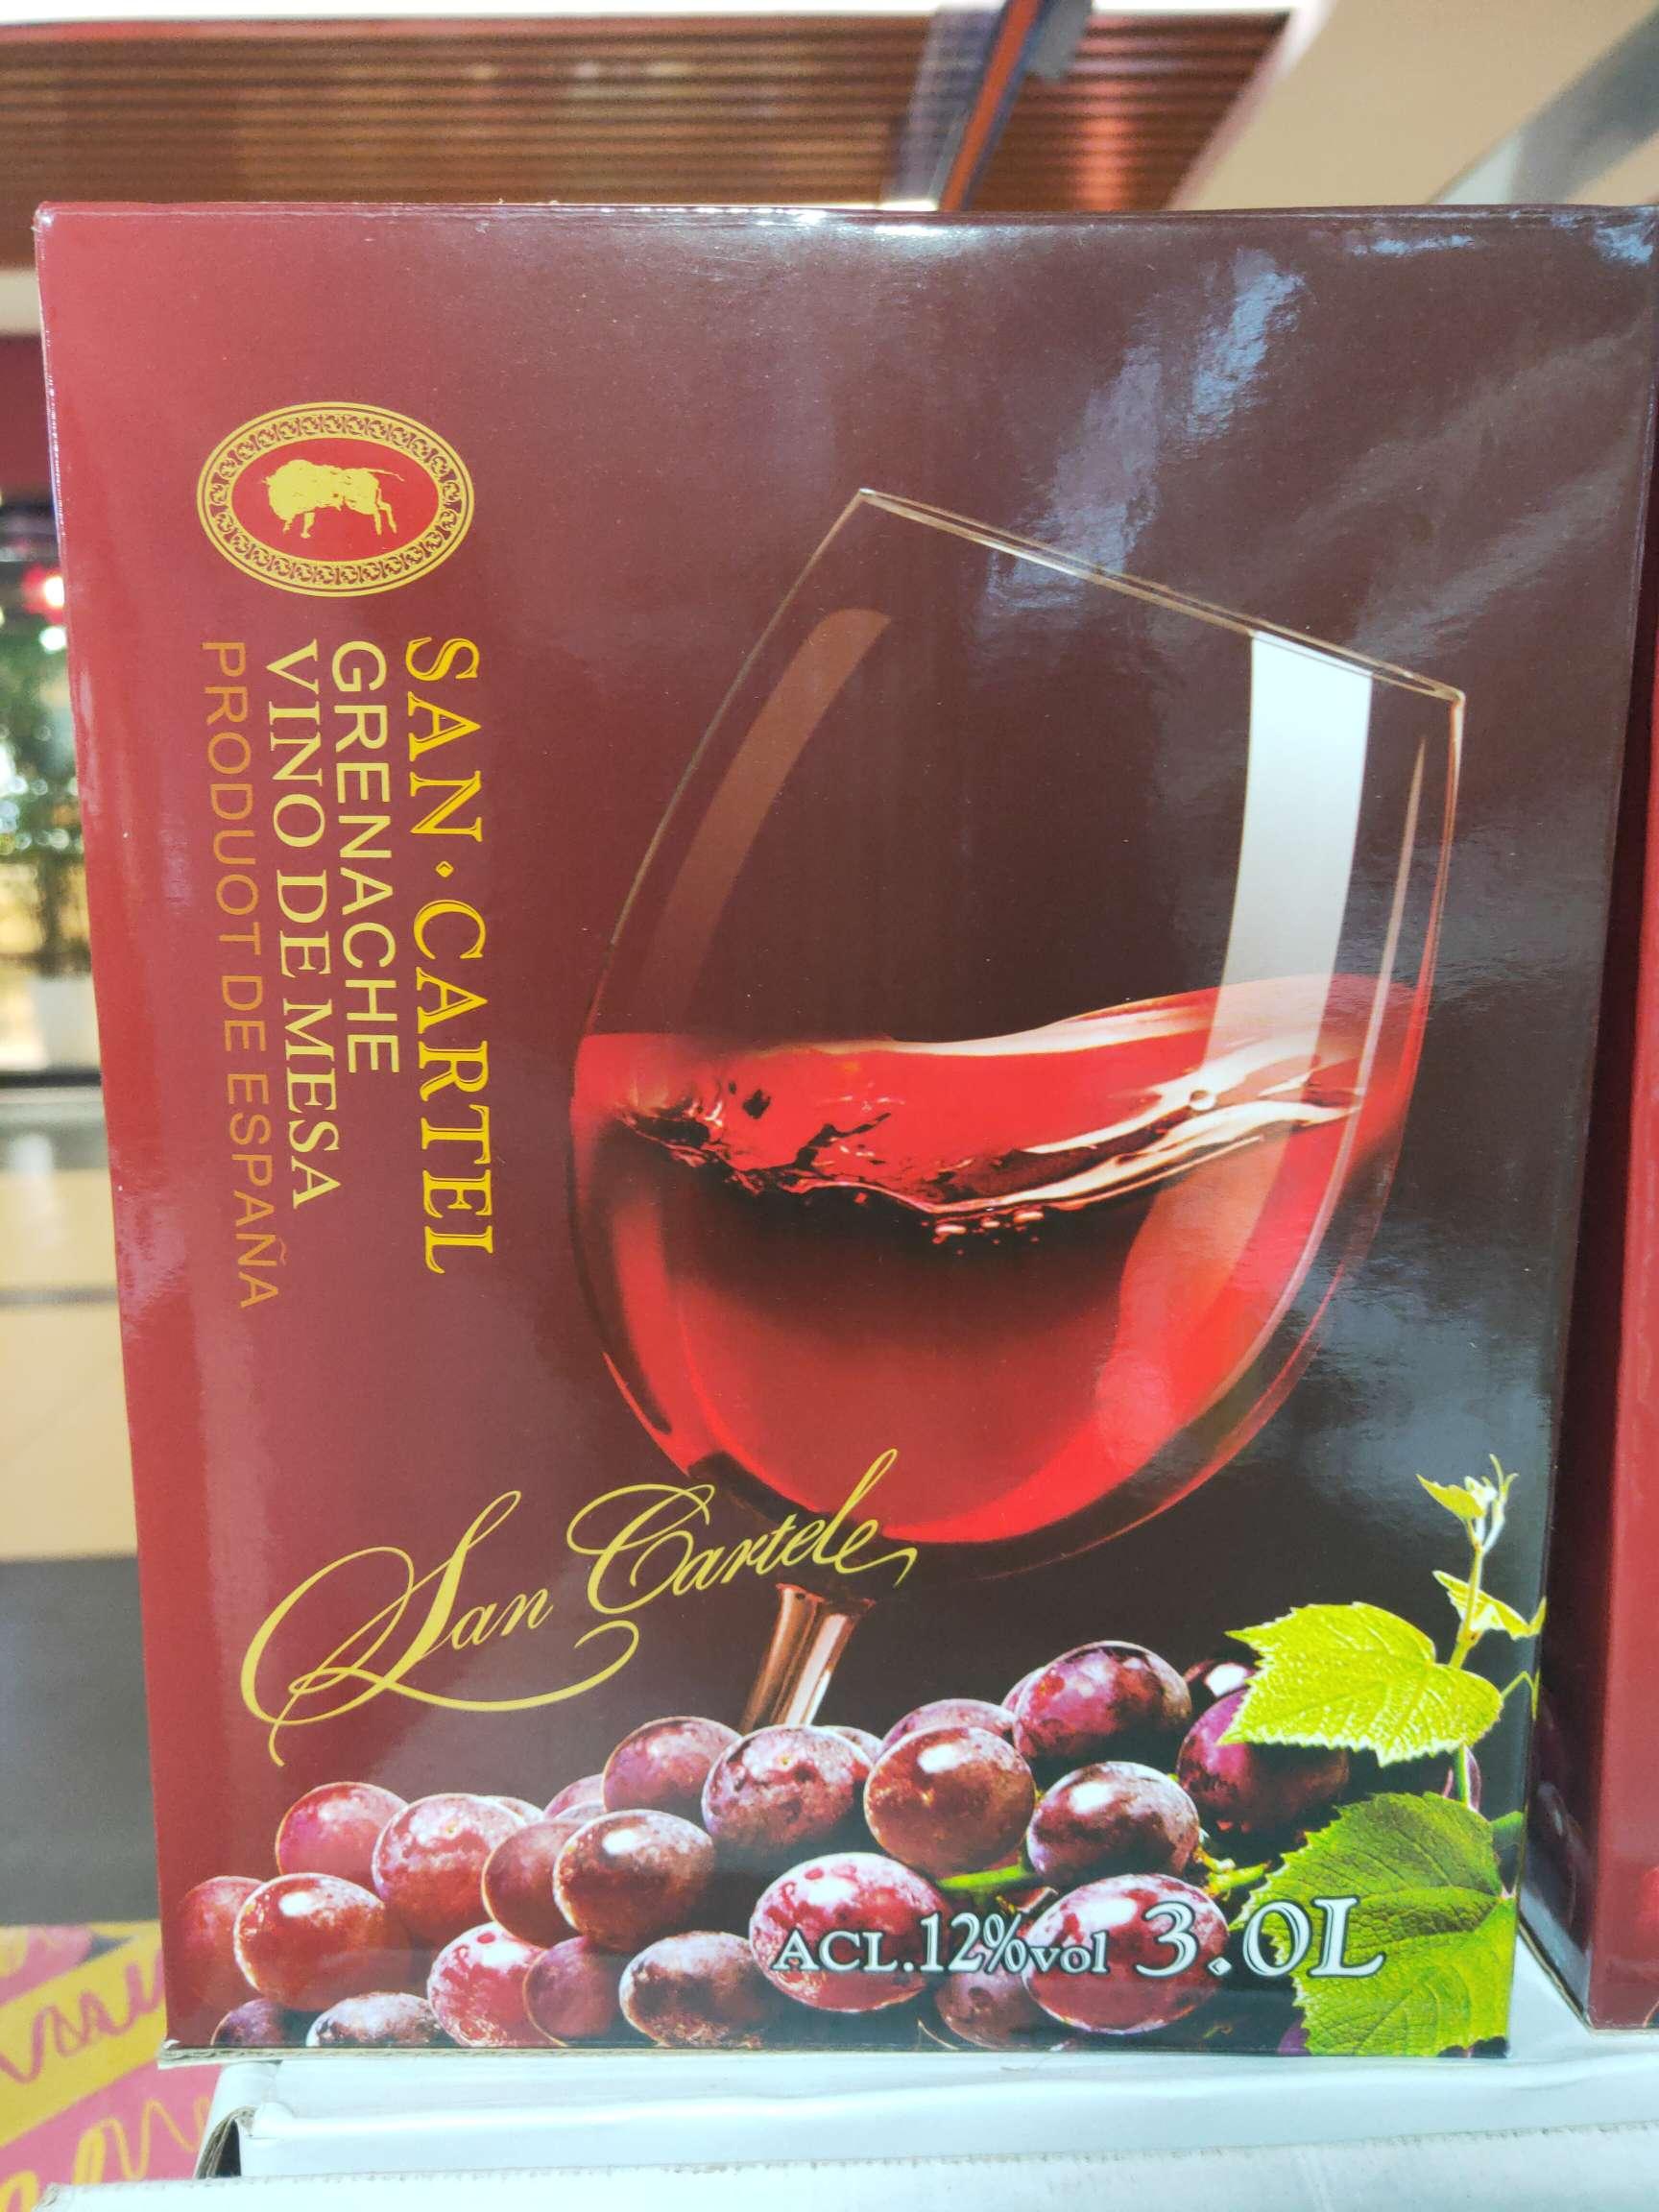 3升卡特尔干红,西班牙进口红酒